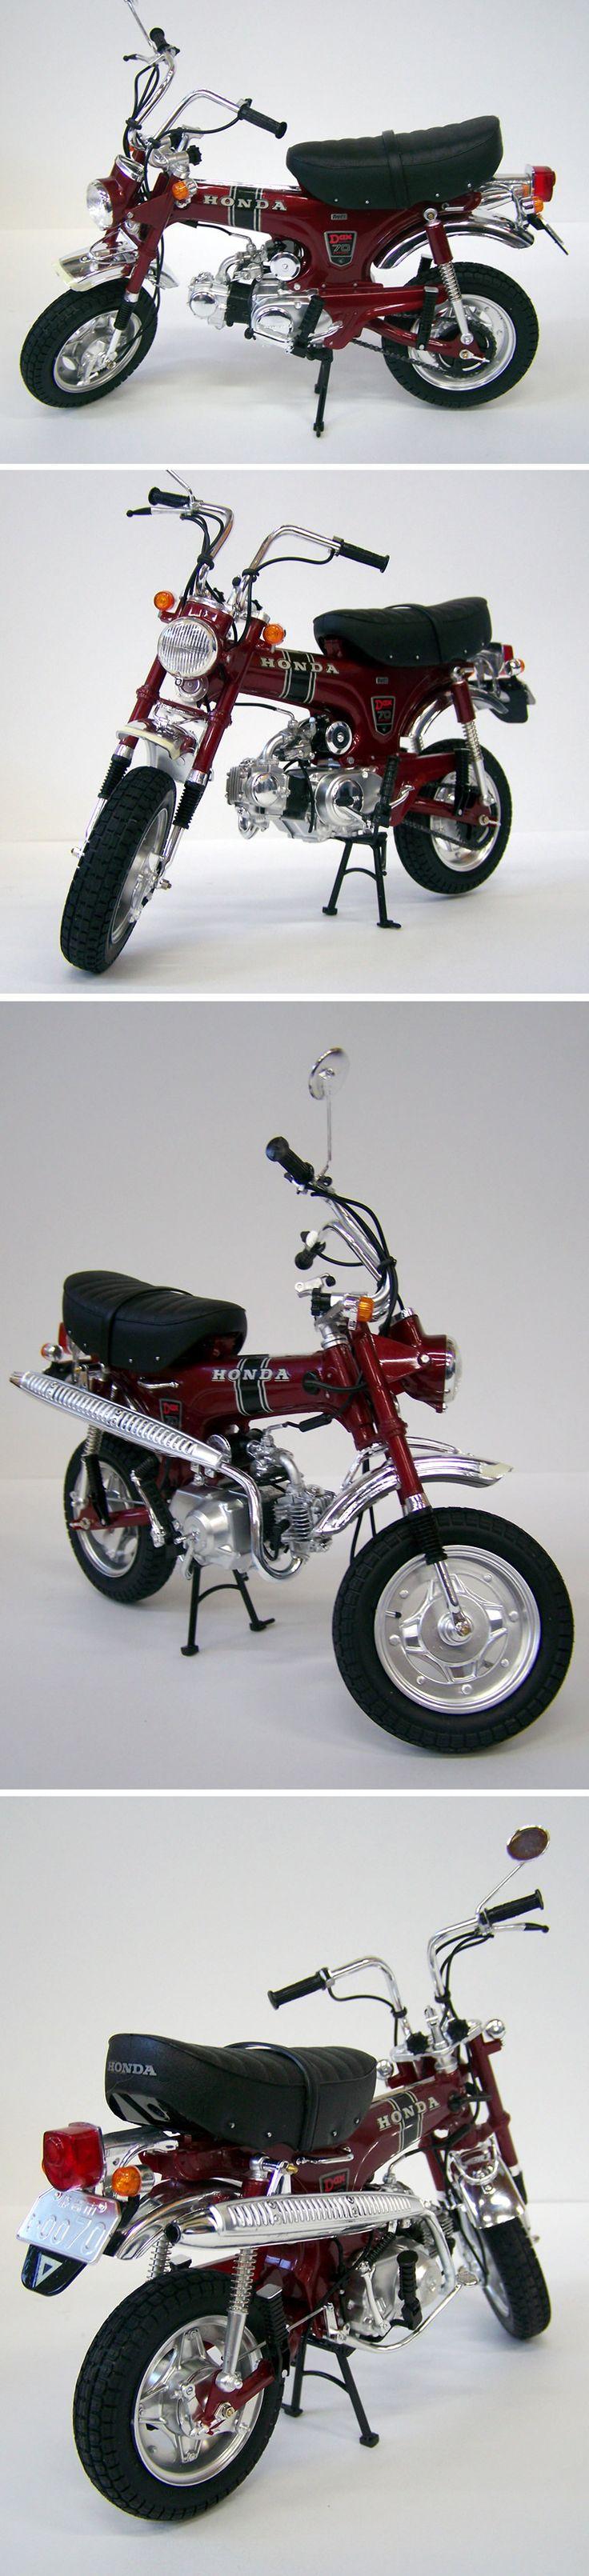 Dax - Honda (1969/1999)